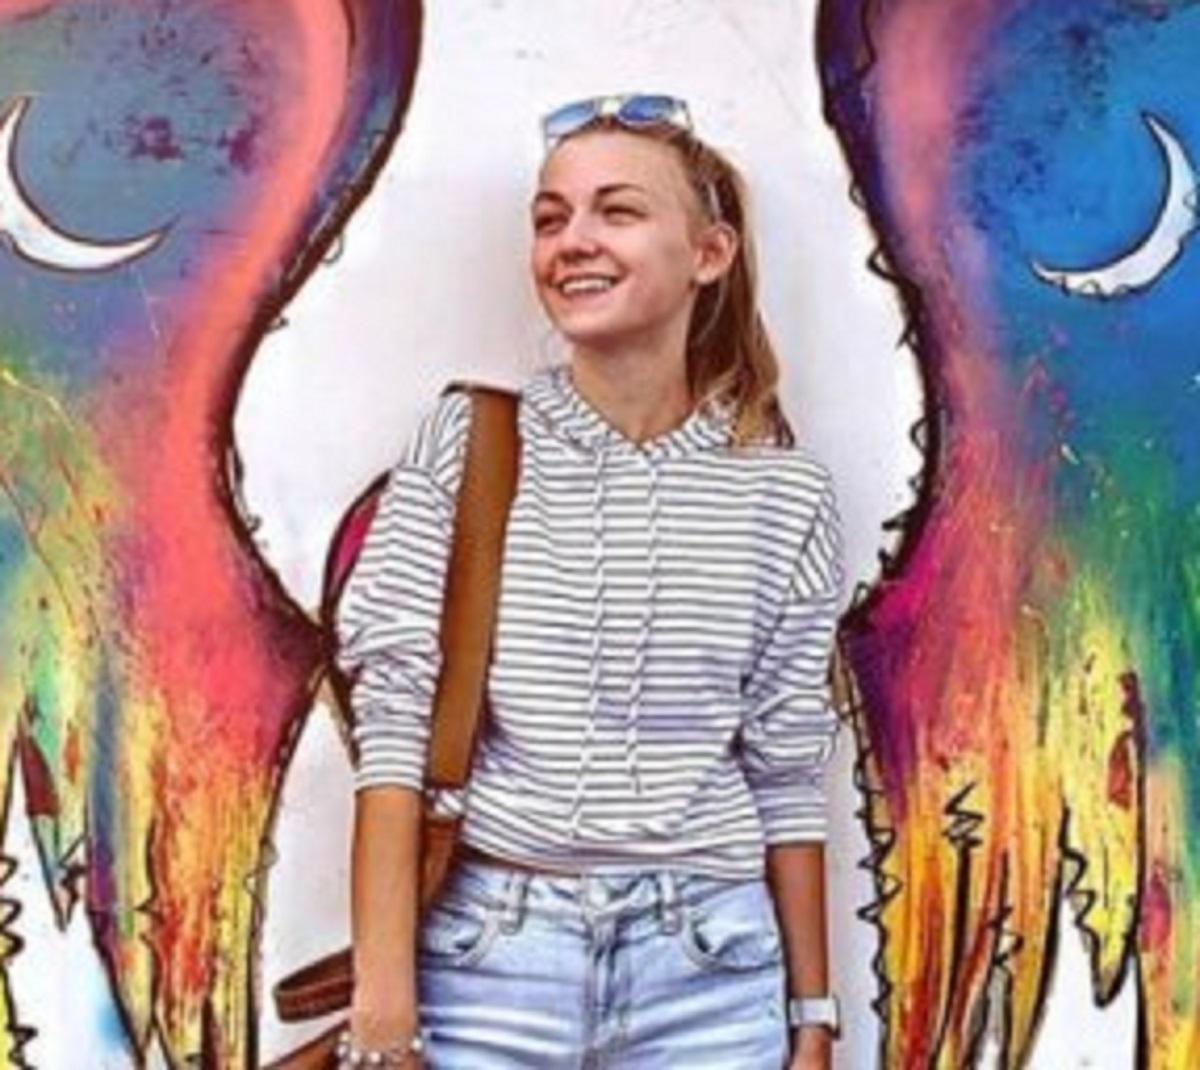 Gabby Petito ritrovamento cadavere morta 22 anni fidanzato Brian